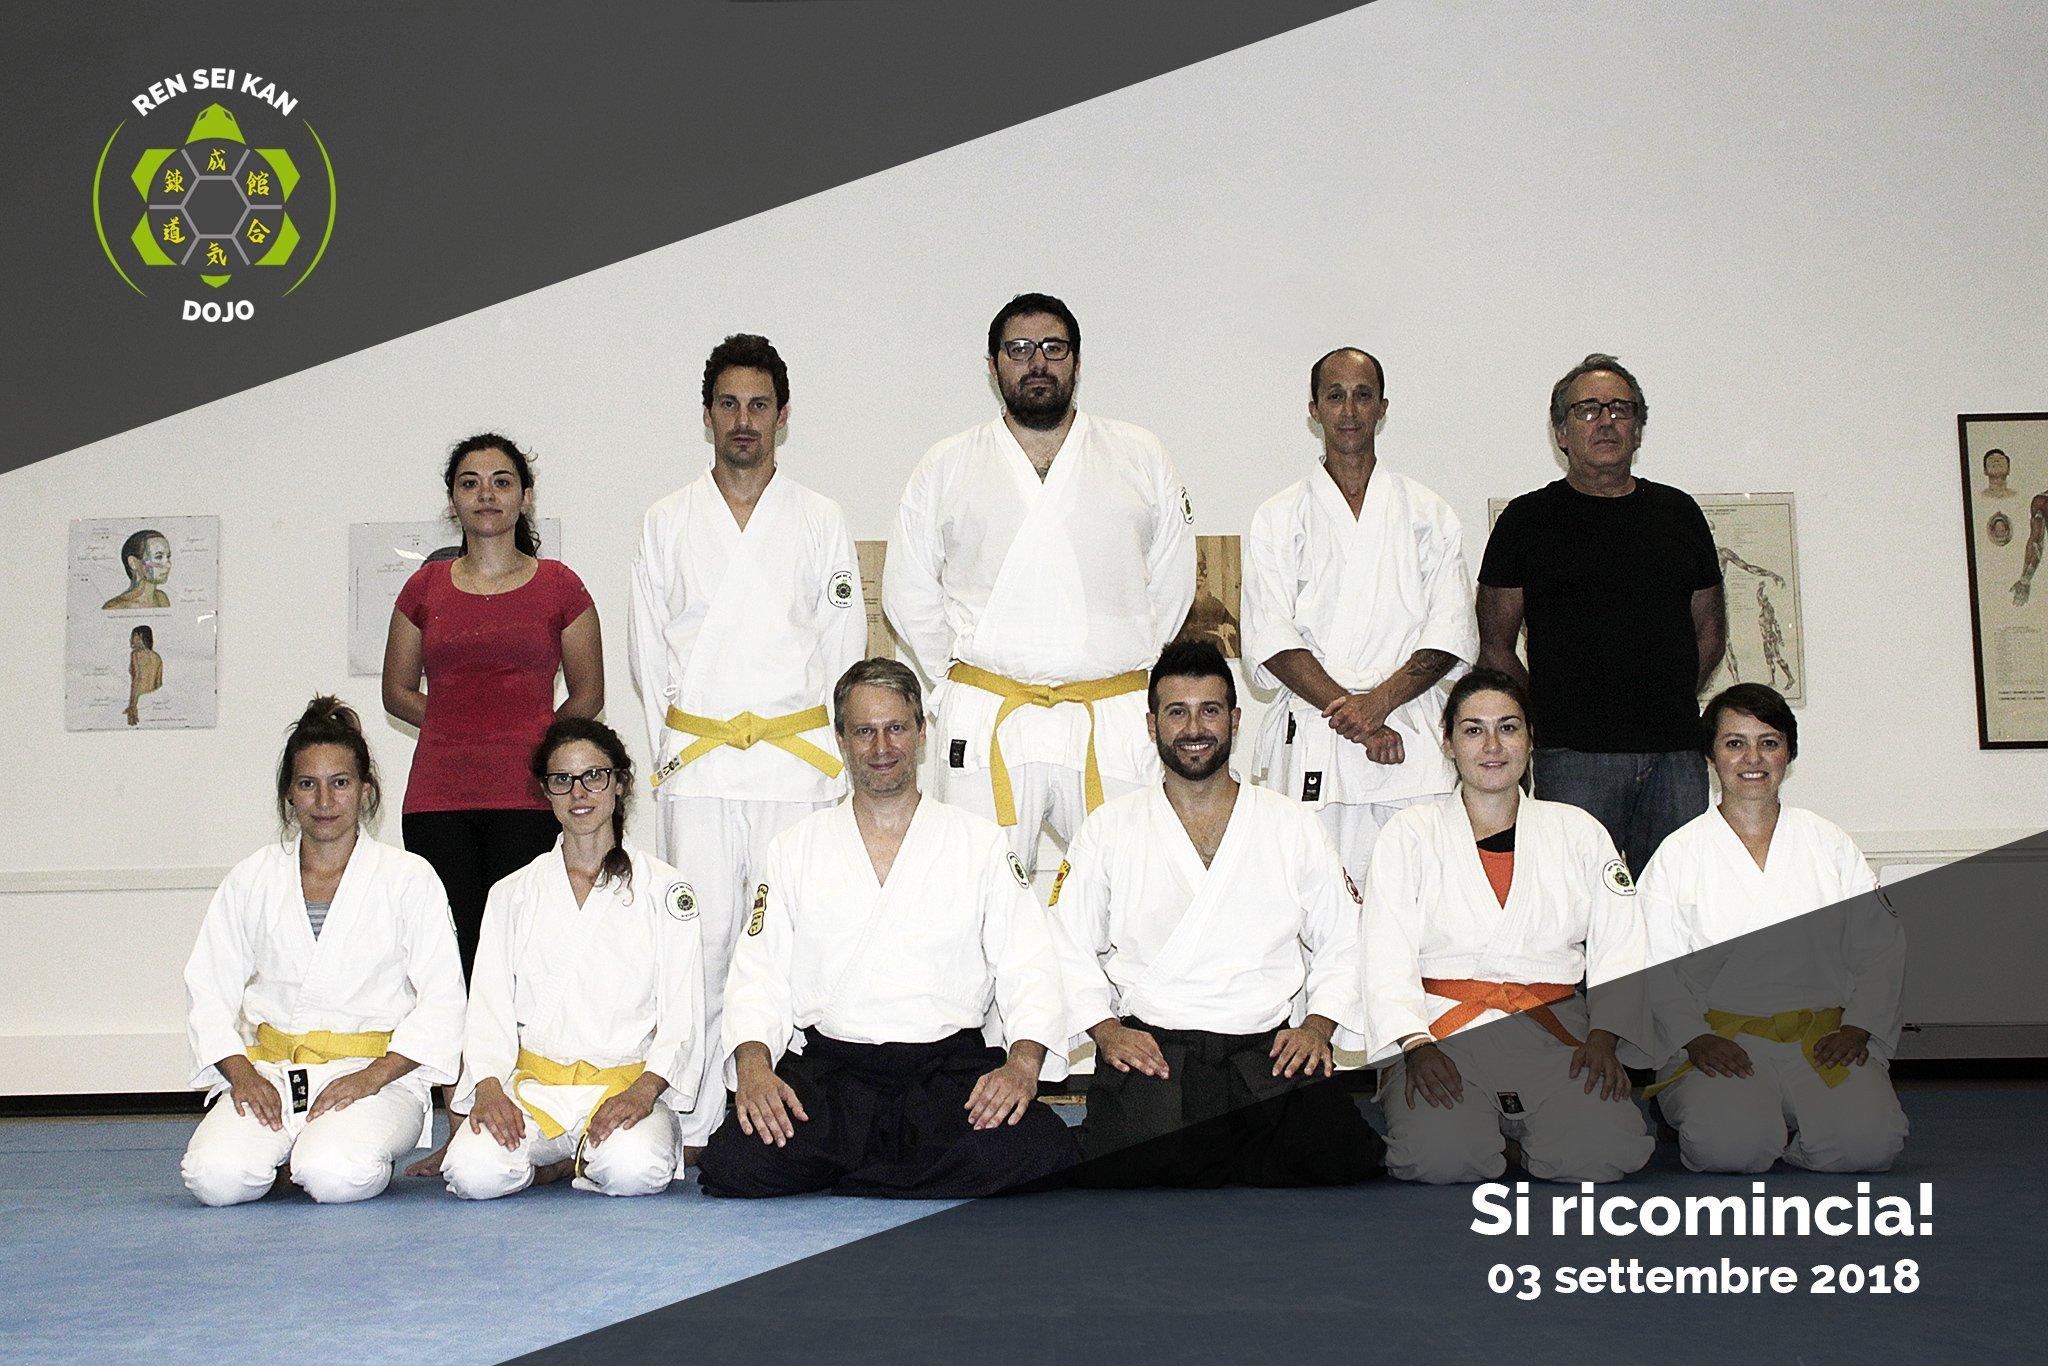 Inizio corsi di aikido Ren Sei Kan